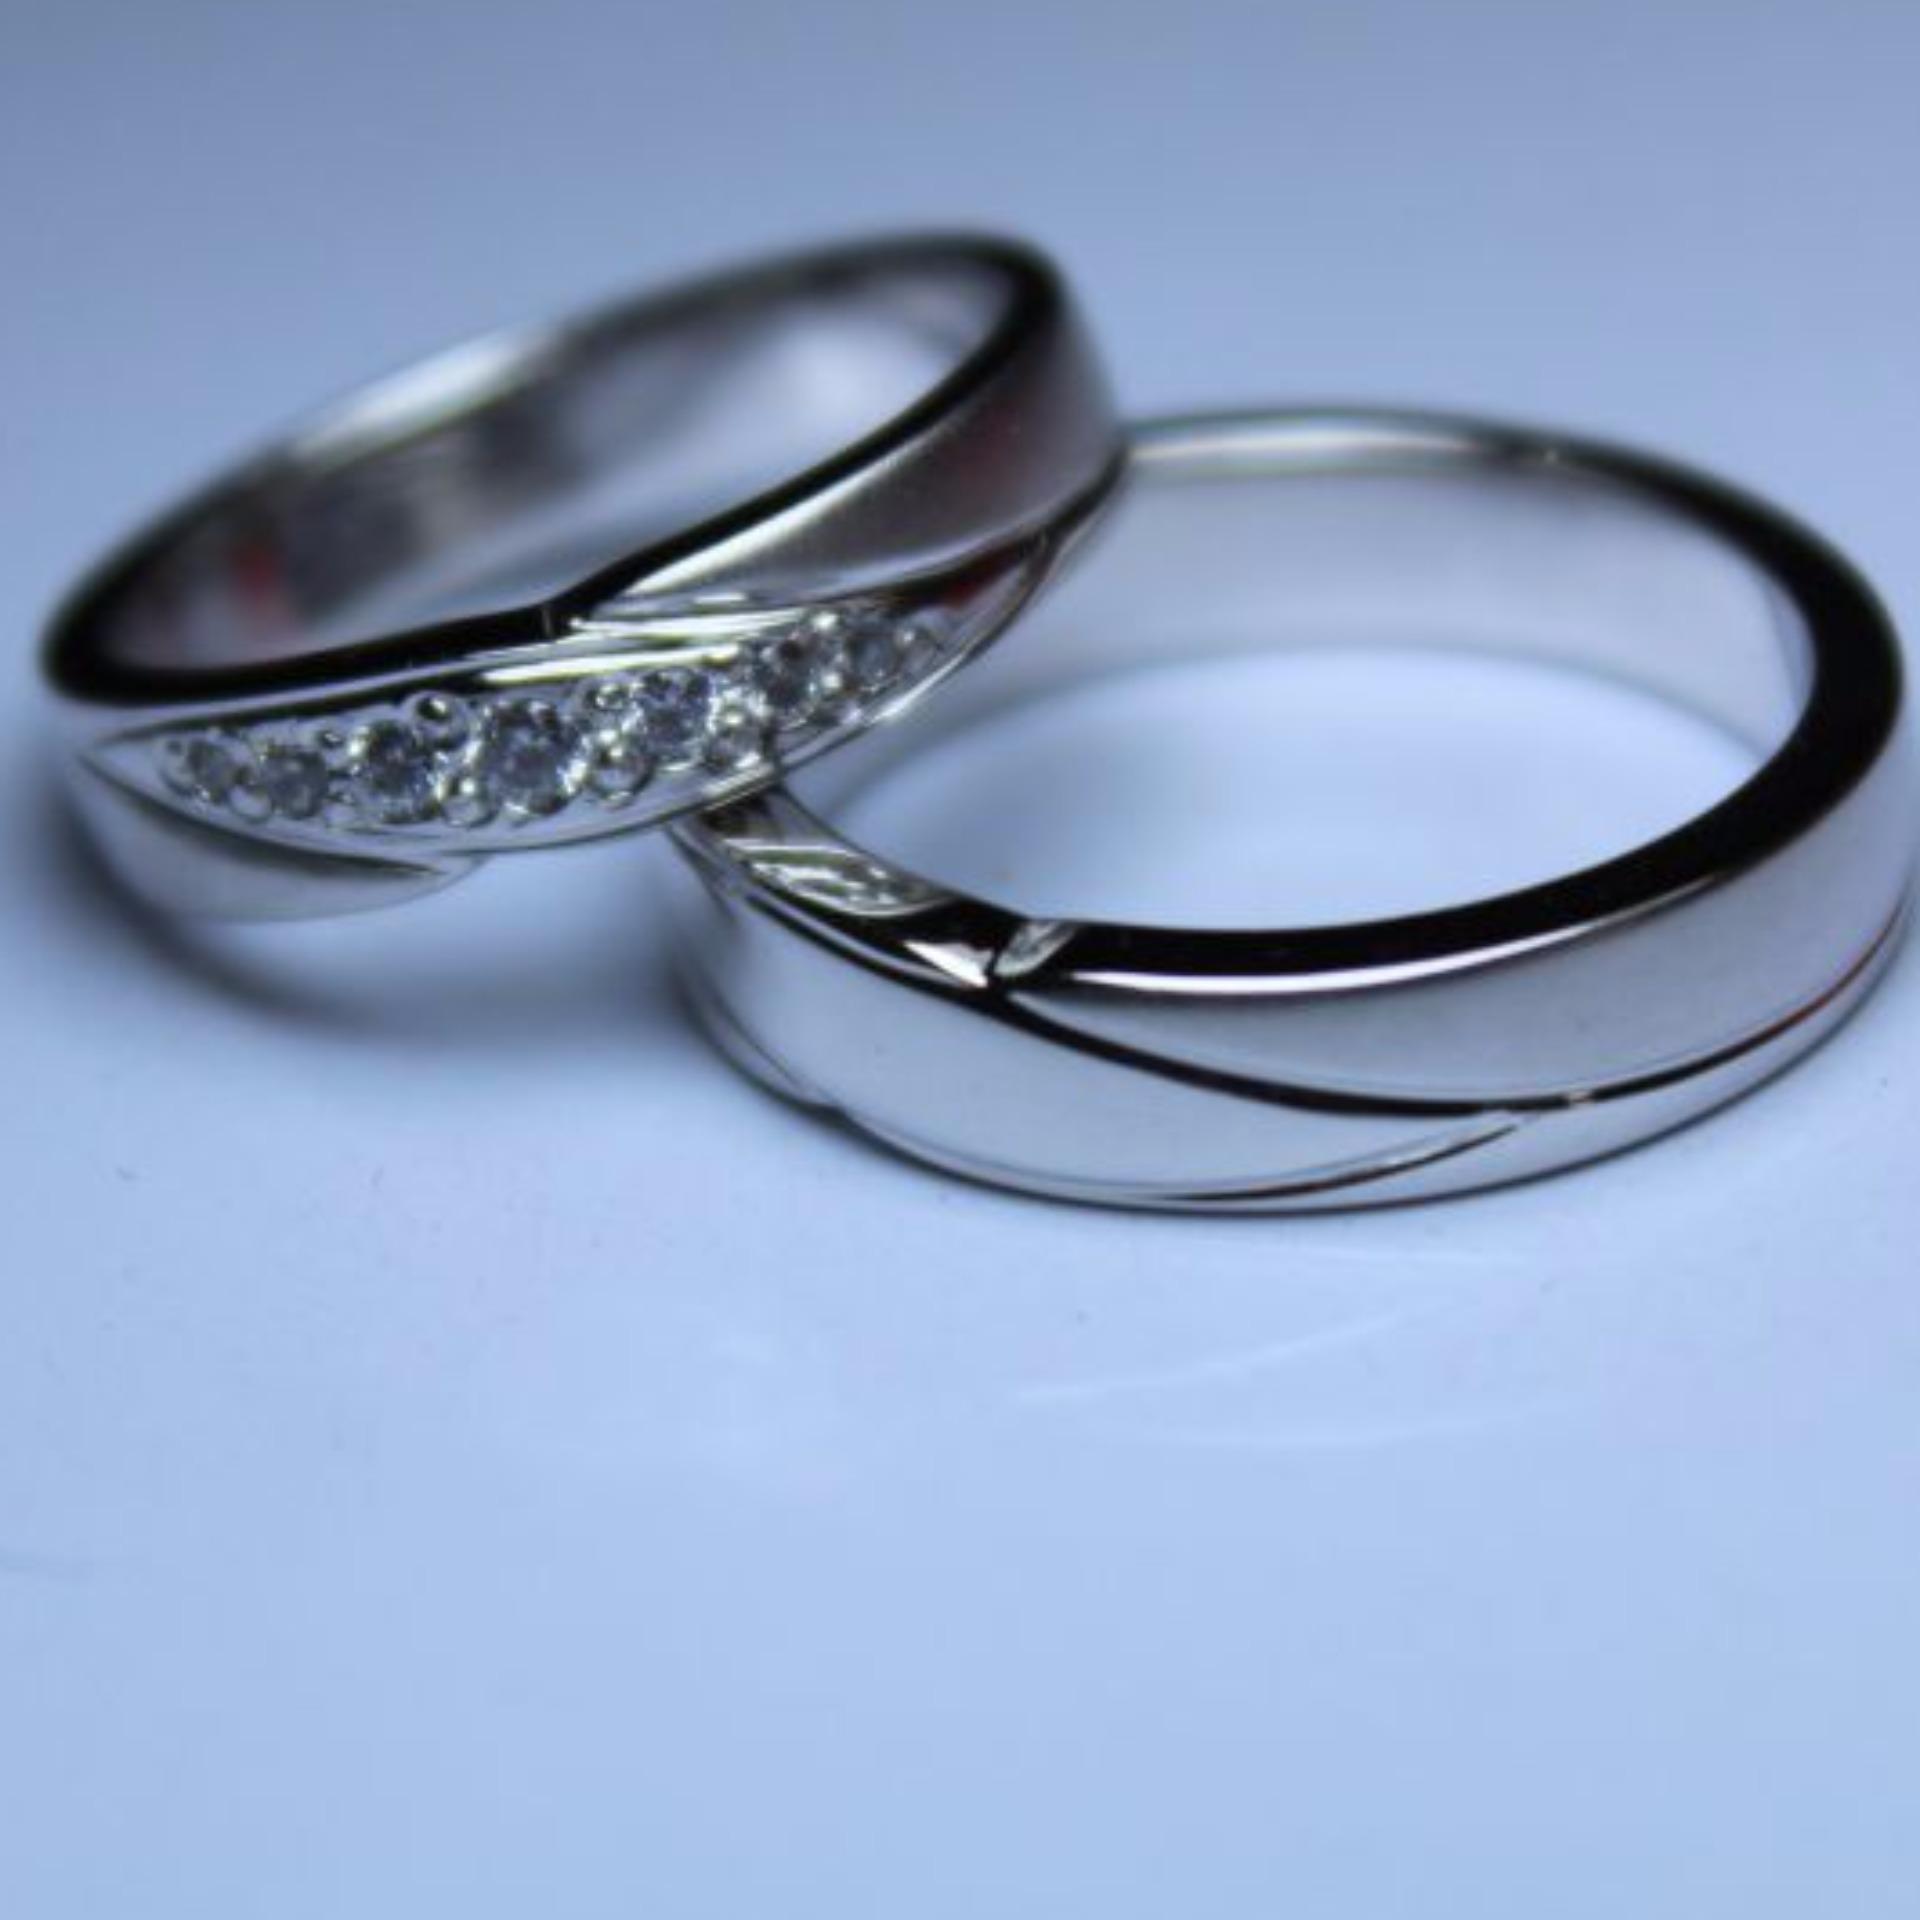 Sepasang Emas Putih 9k Update Daftar Harga Terbaru Indonesia Tiaria Dhtxdfj047 Perhiasan Cincin Dan Zircon White Gold Tunangan Auag